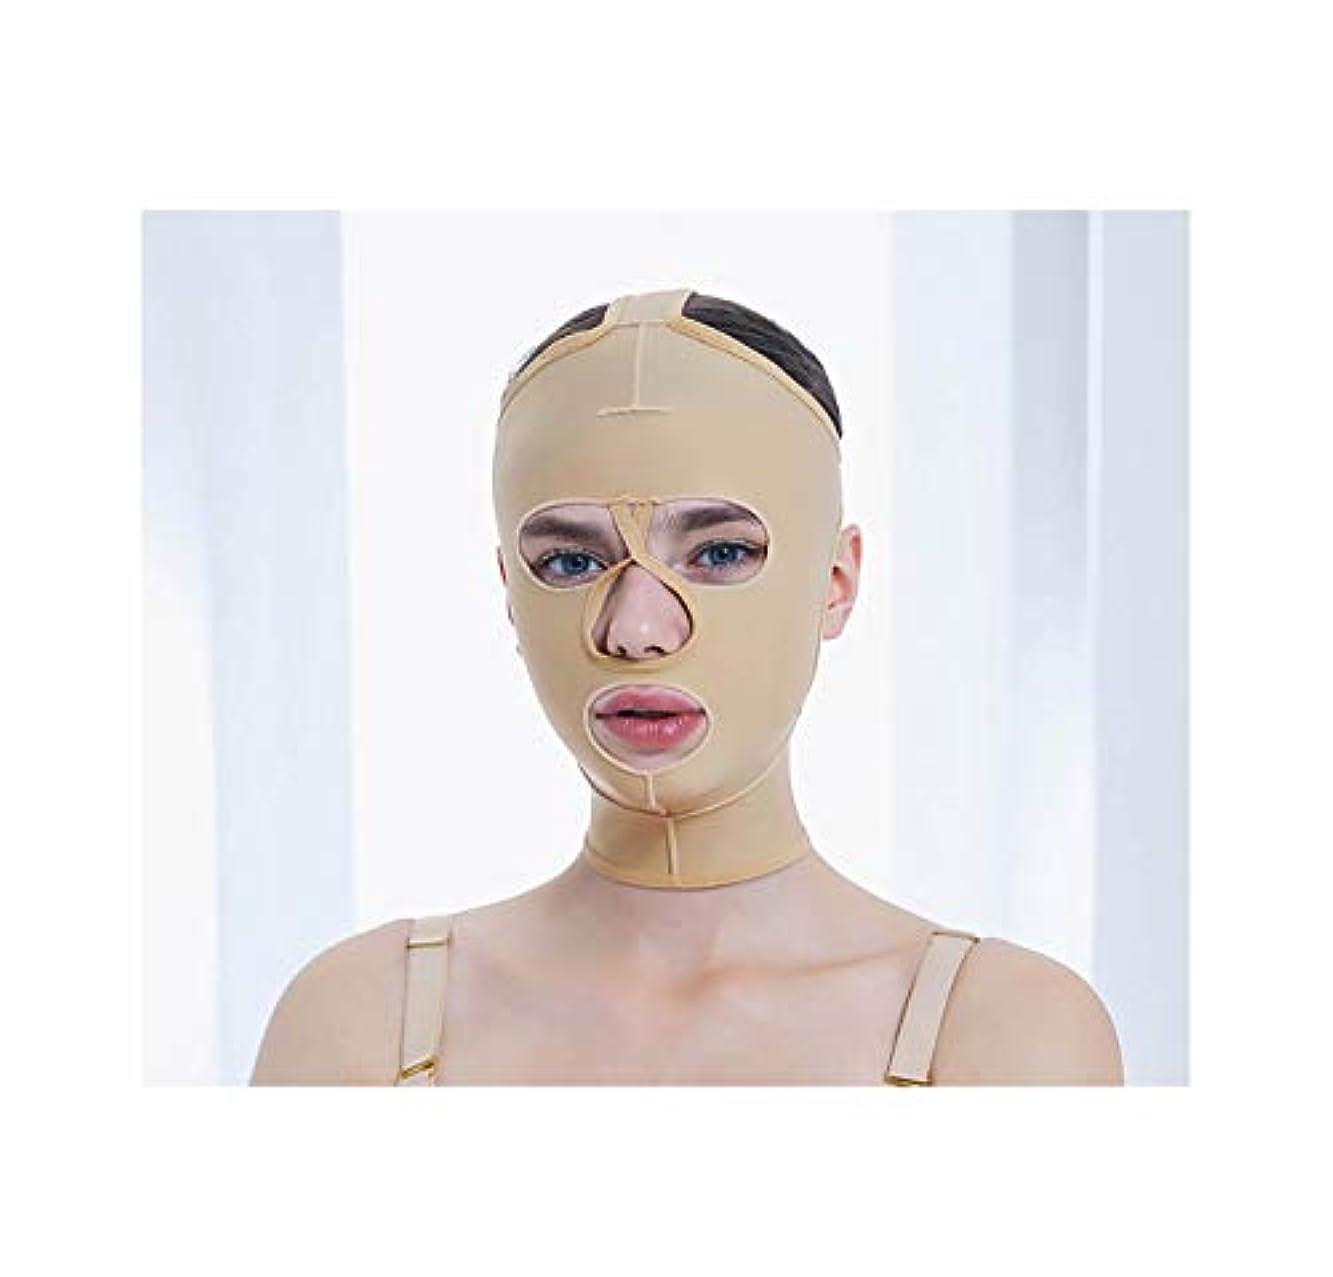 意識的地中海欲しいですGLJJQMY 顔と首のリフト痩身マスク脂肪吸引術脂肪吸引整形マスクフードフェイシャルリフティングアーティファクトVフェイスビーム弾性スリーブ 顔用整形マスク (Size : XXL)